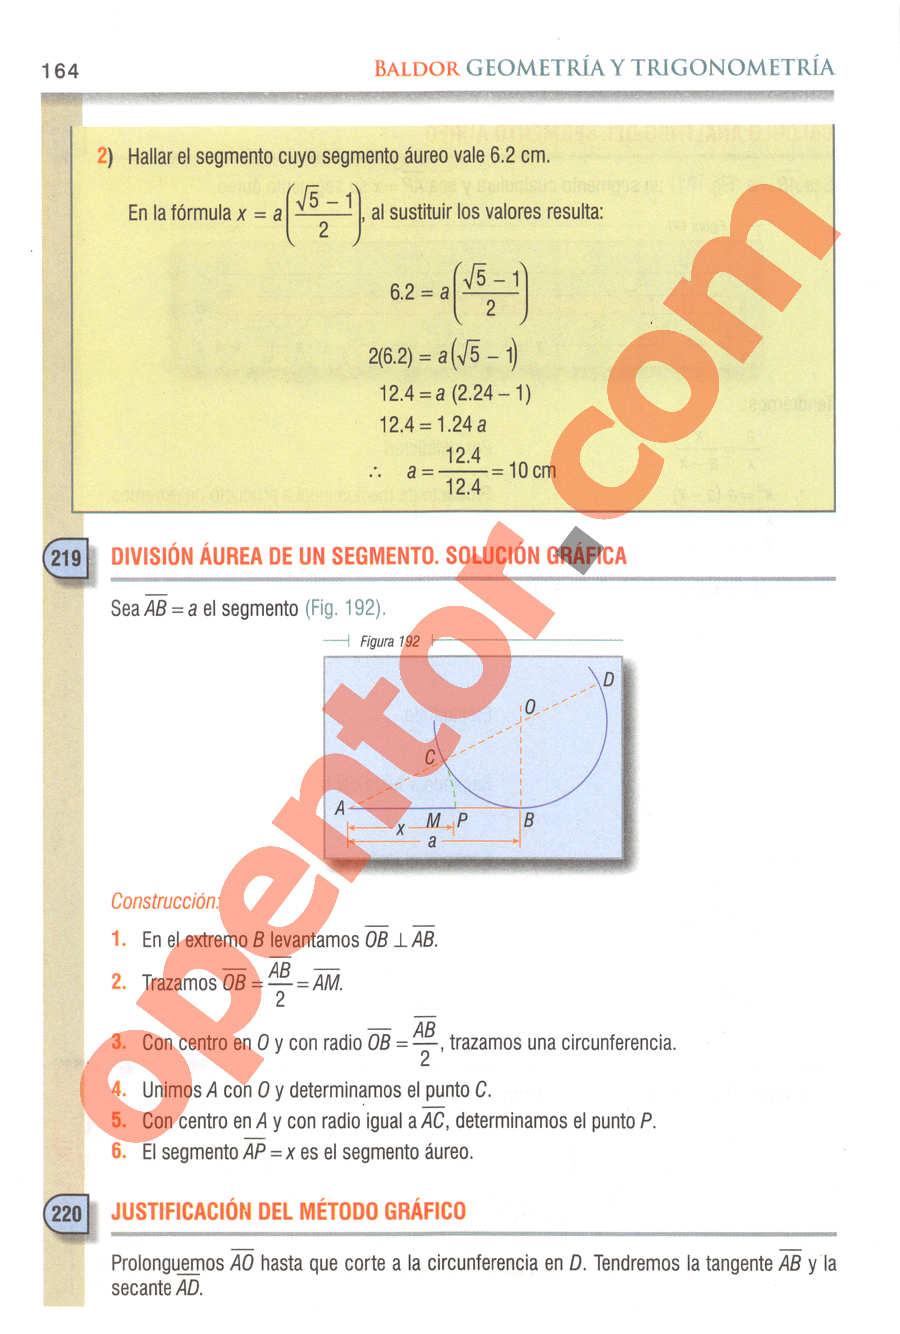 Geometría y Trigonometría de Baldor - Página 164